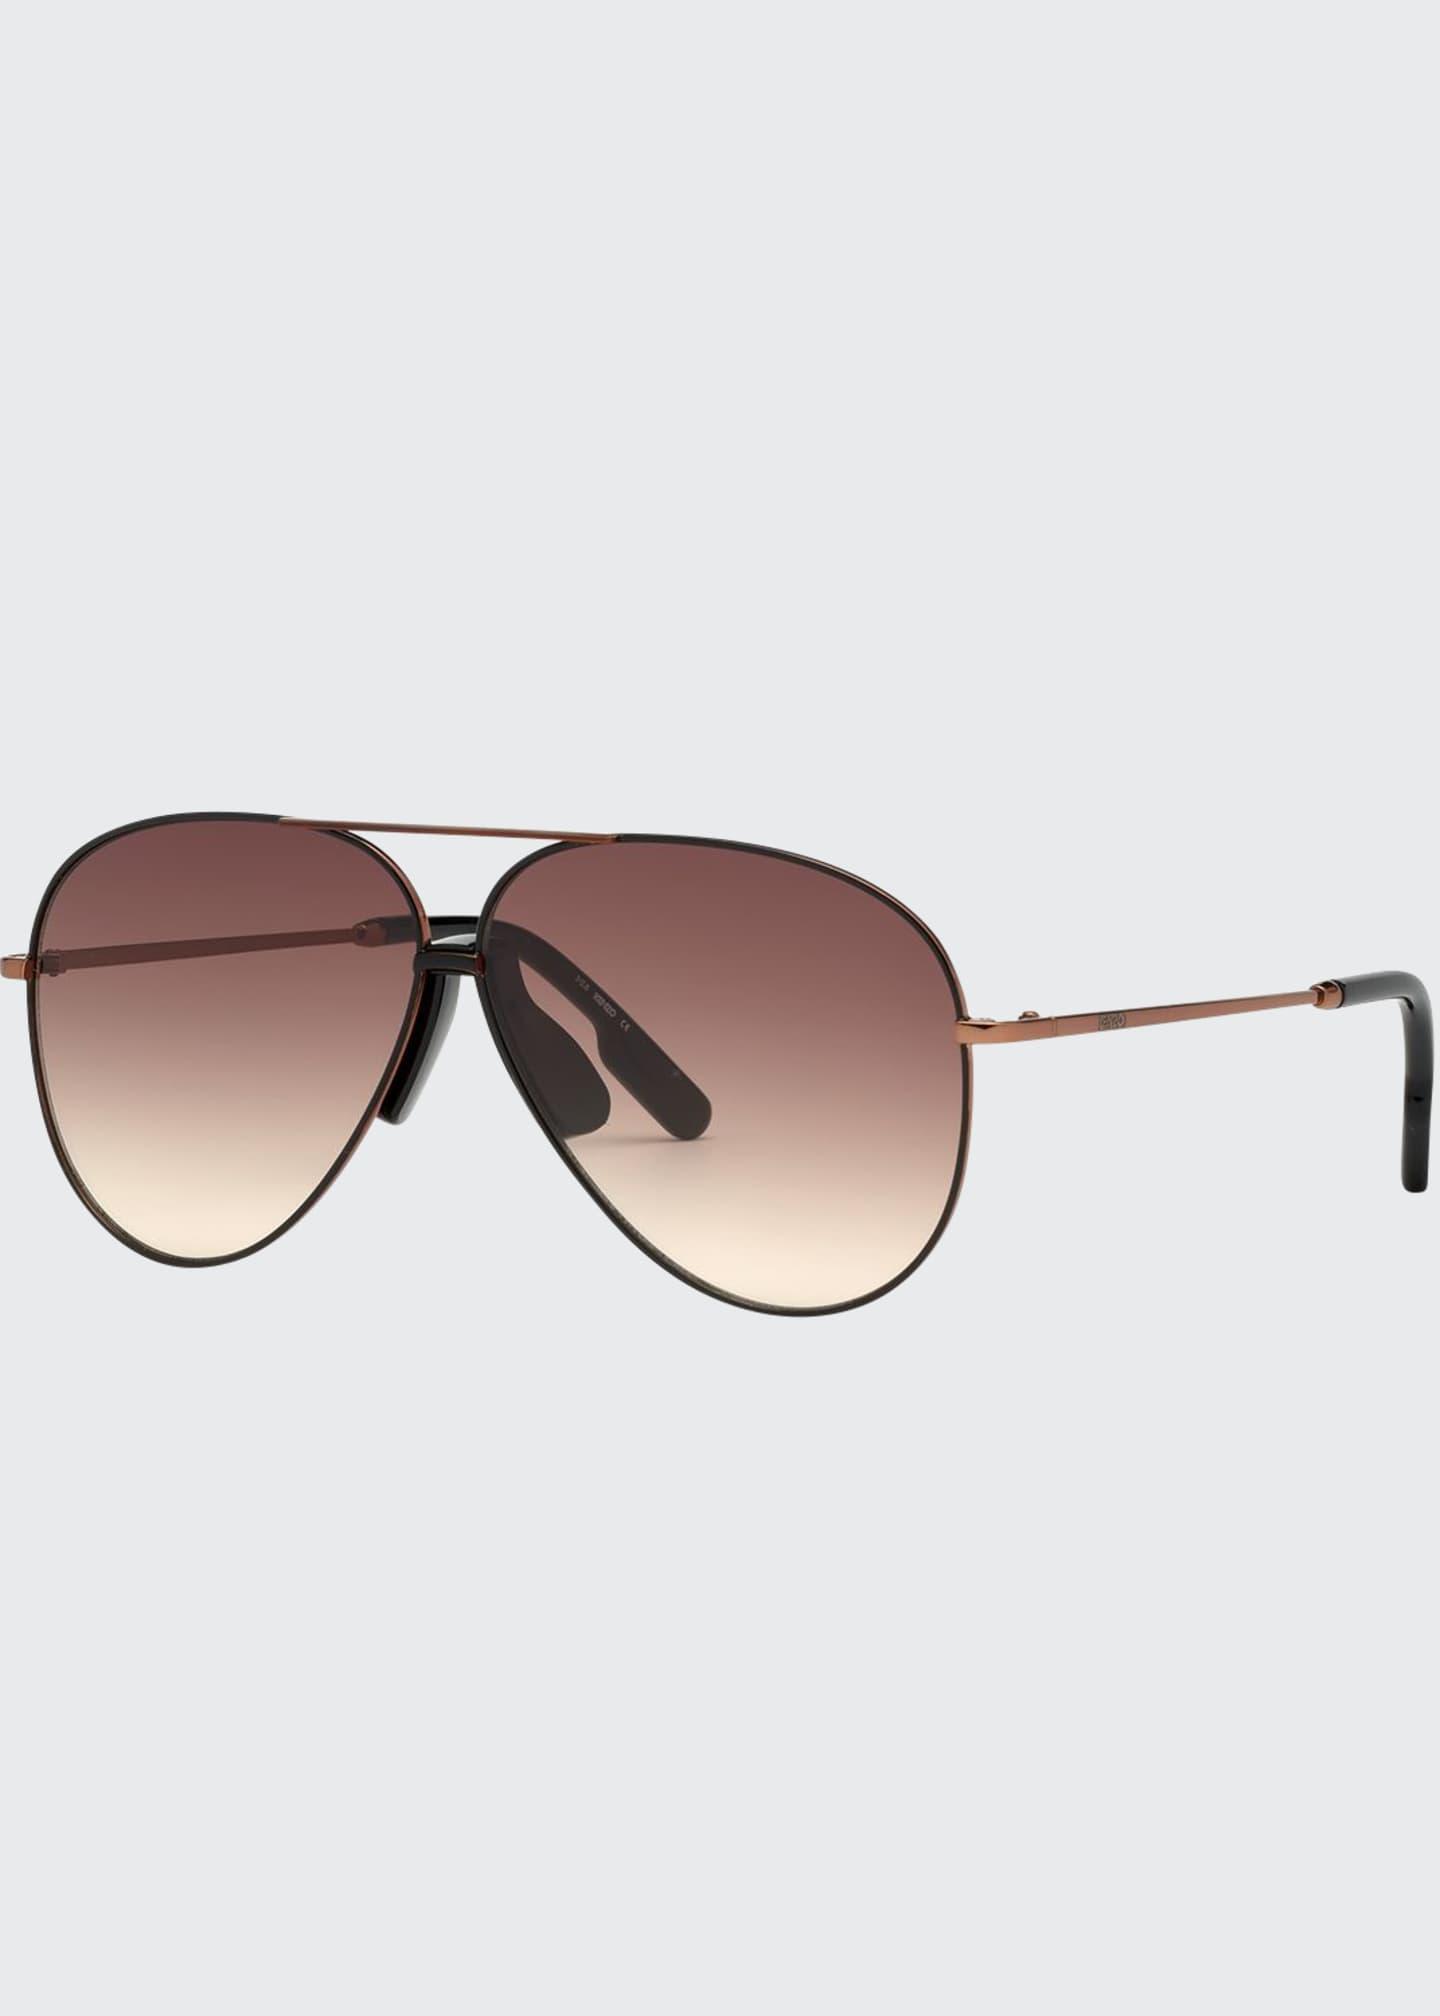 Kenzo Men's Bronzed Aviator Sunglasses